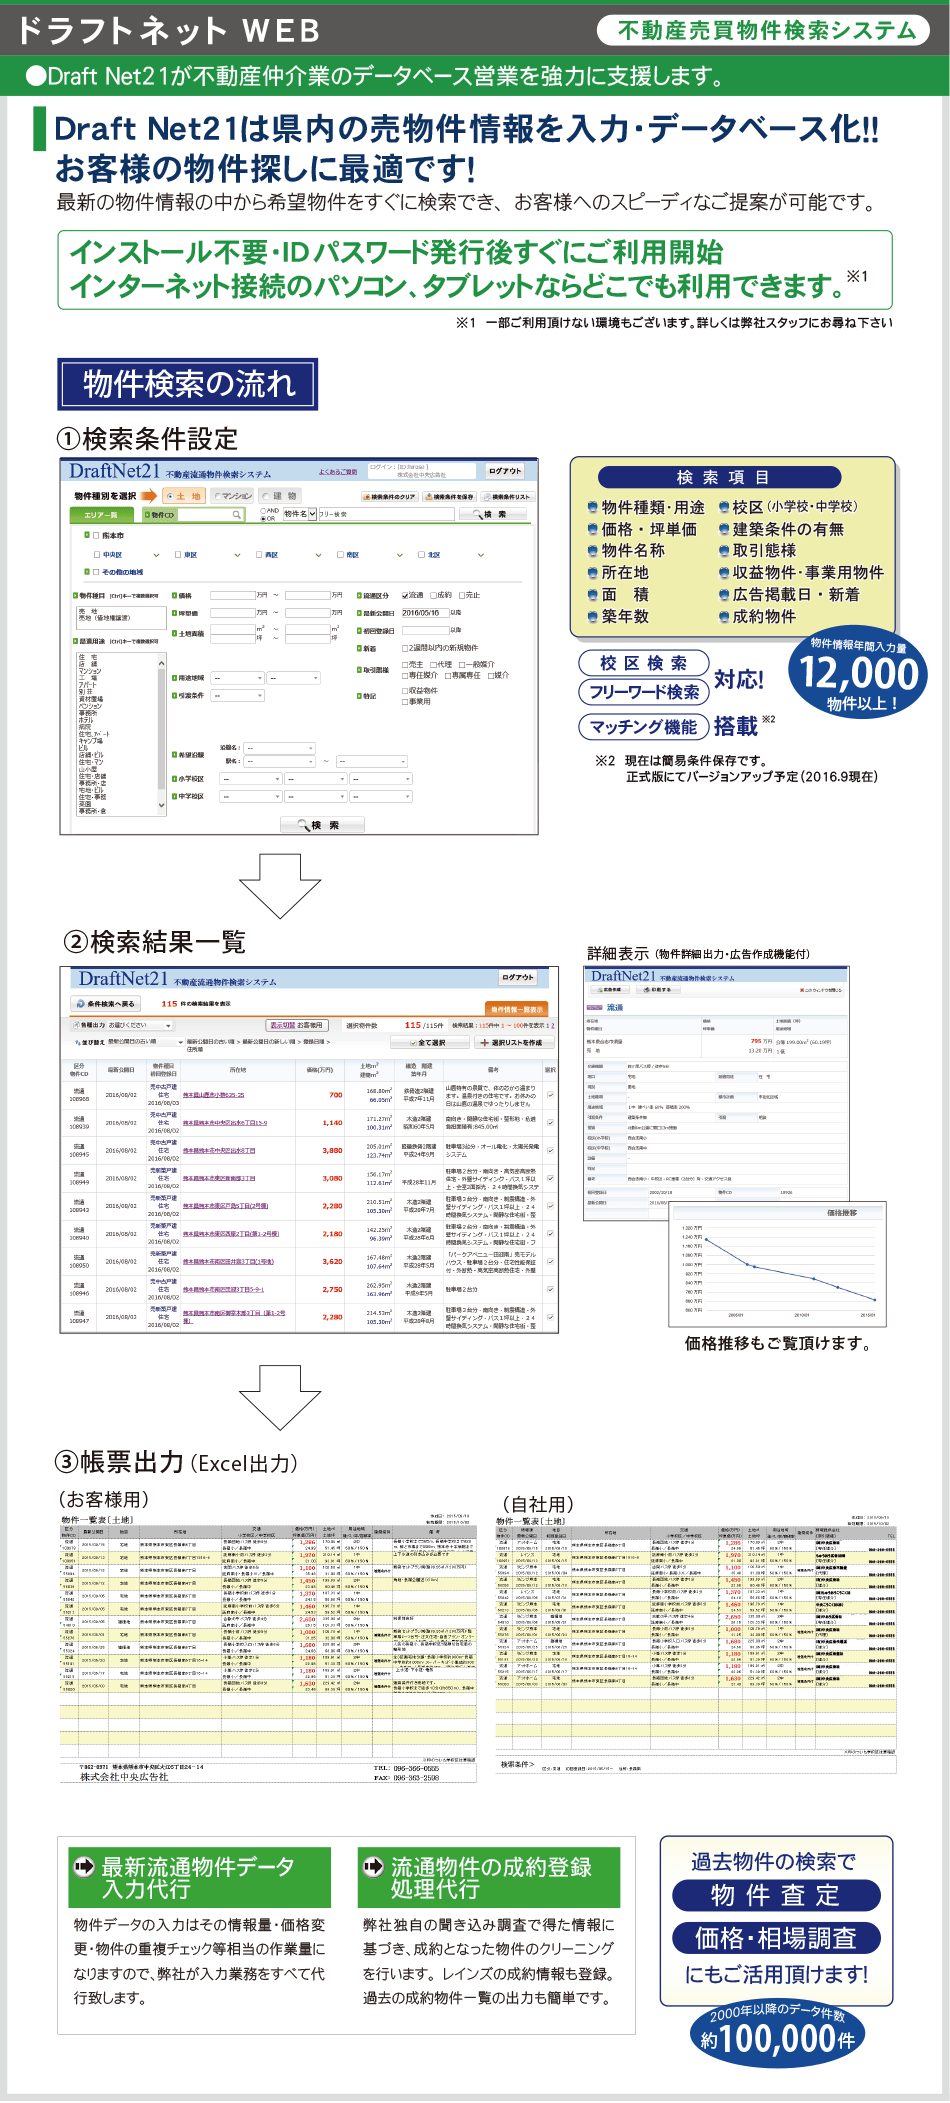 売買検索システム「ドラフトネット21WEB」